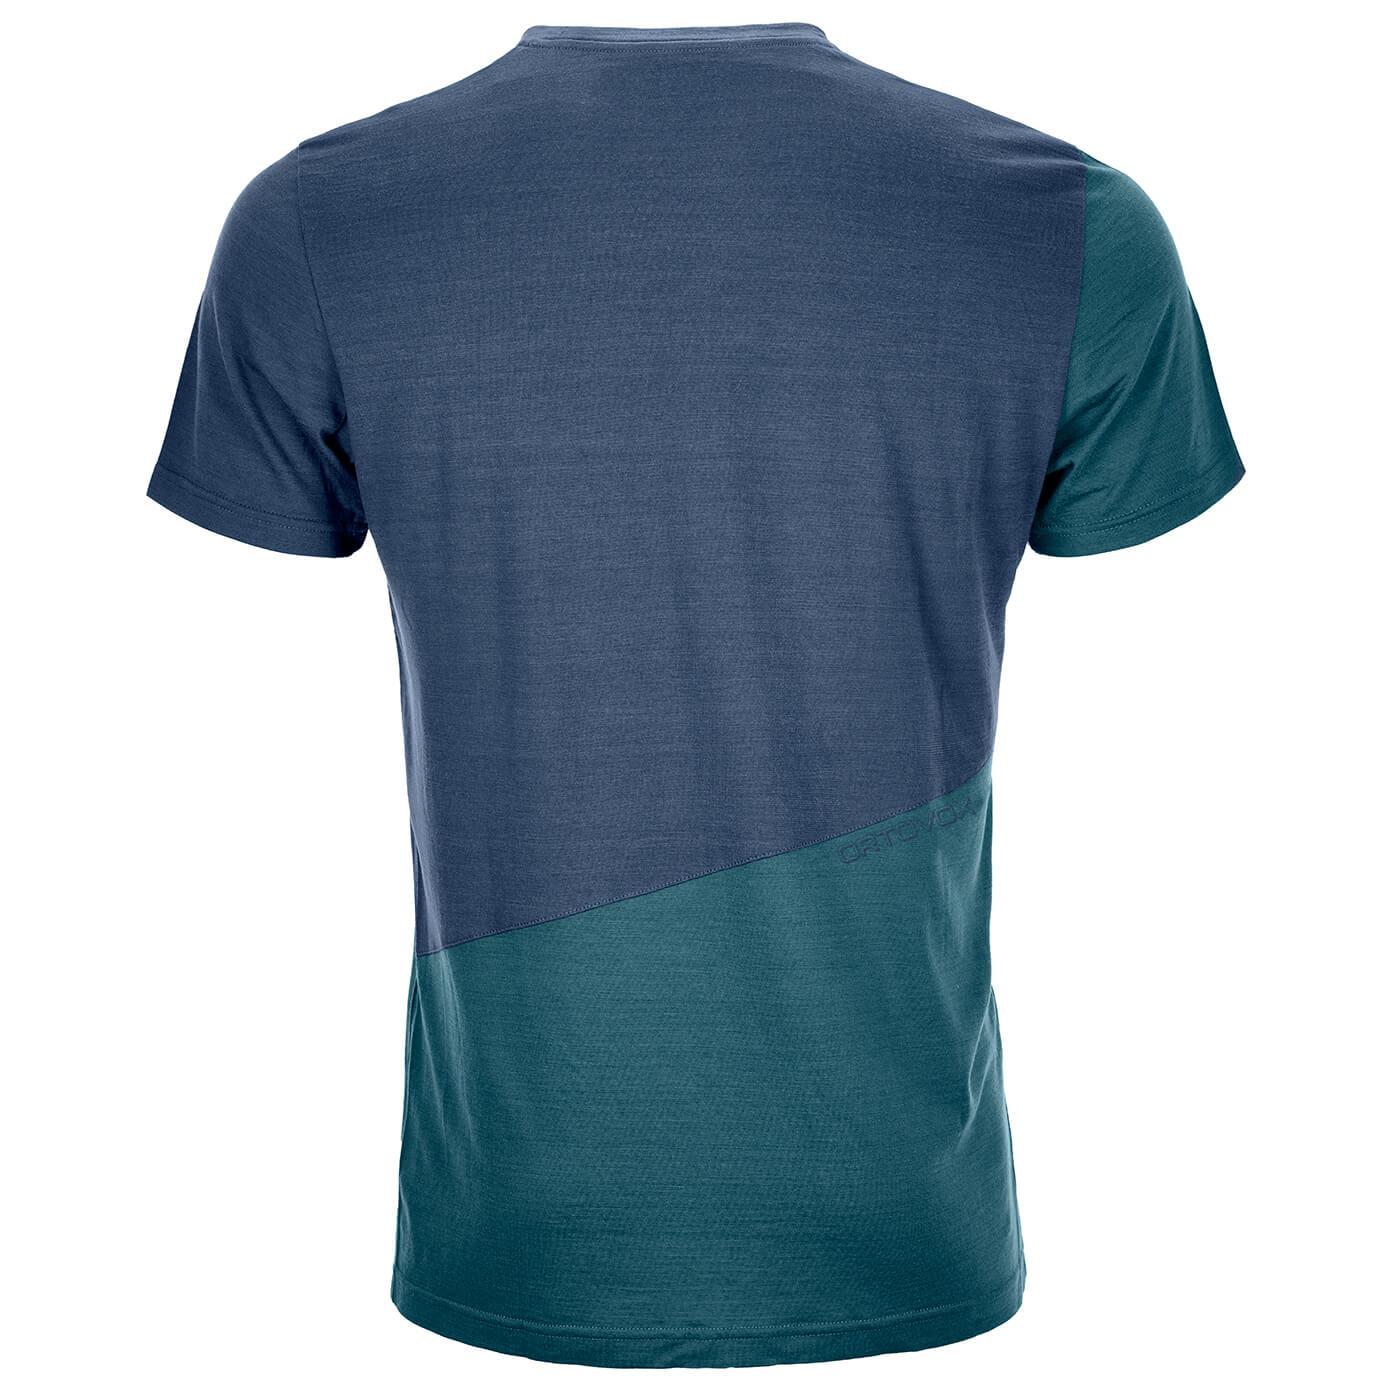 ortovox 150 cool logo t shirt t shirt homme achat en ligne. Black Bedroom Furniture Sets. Home Design Ideas